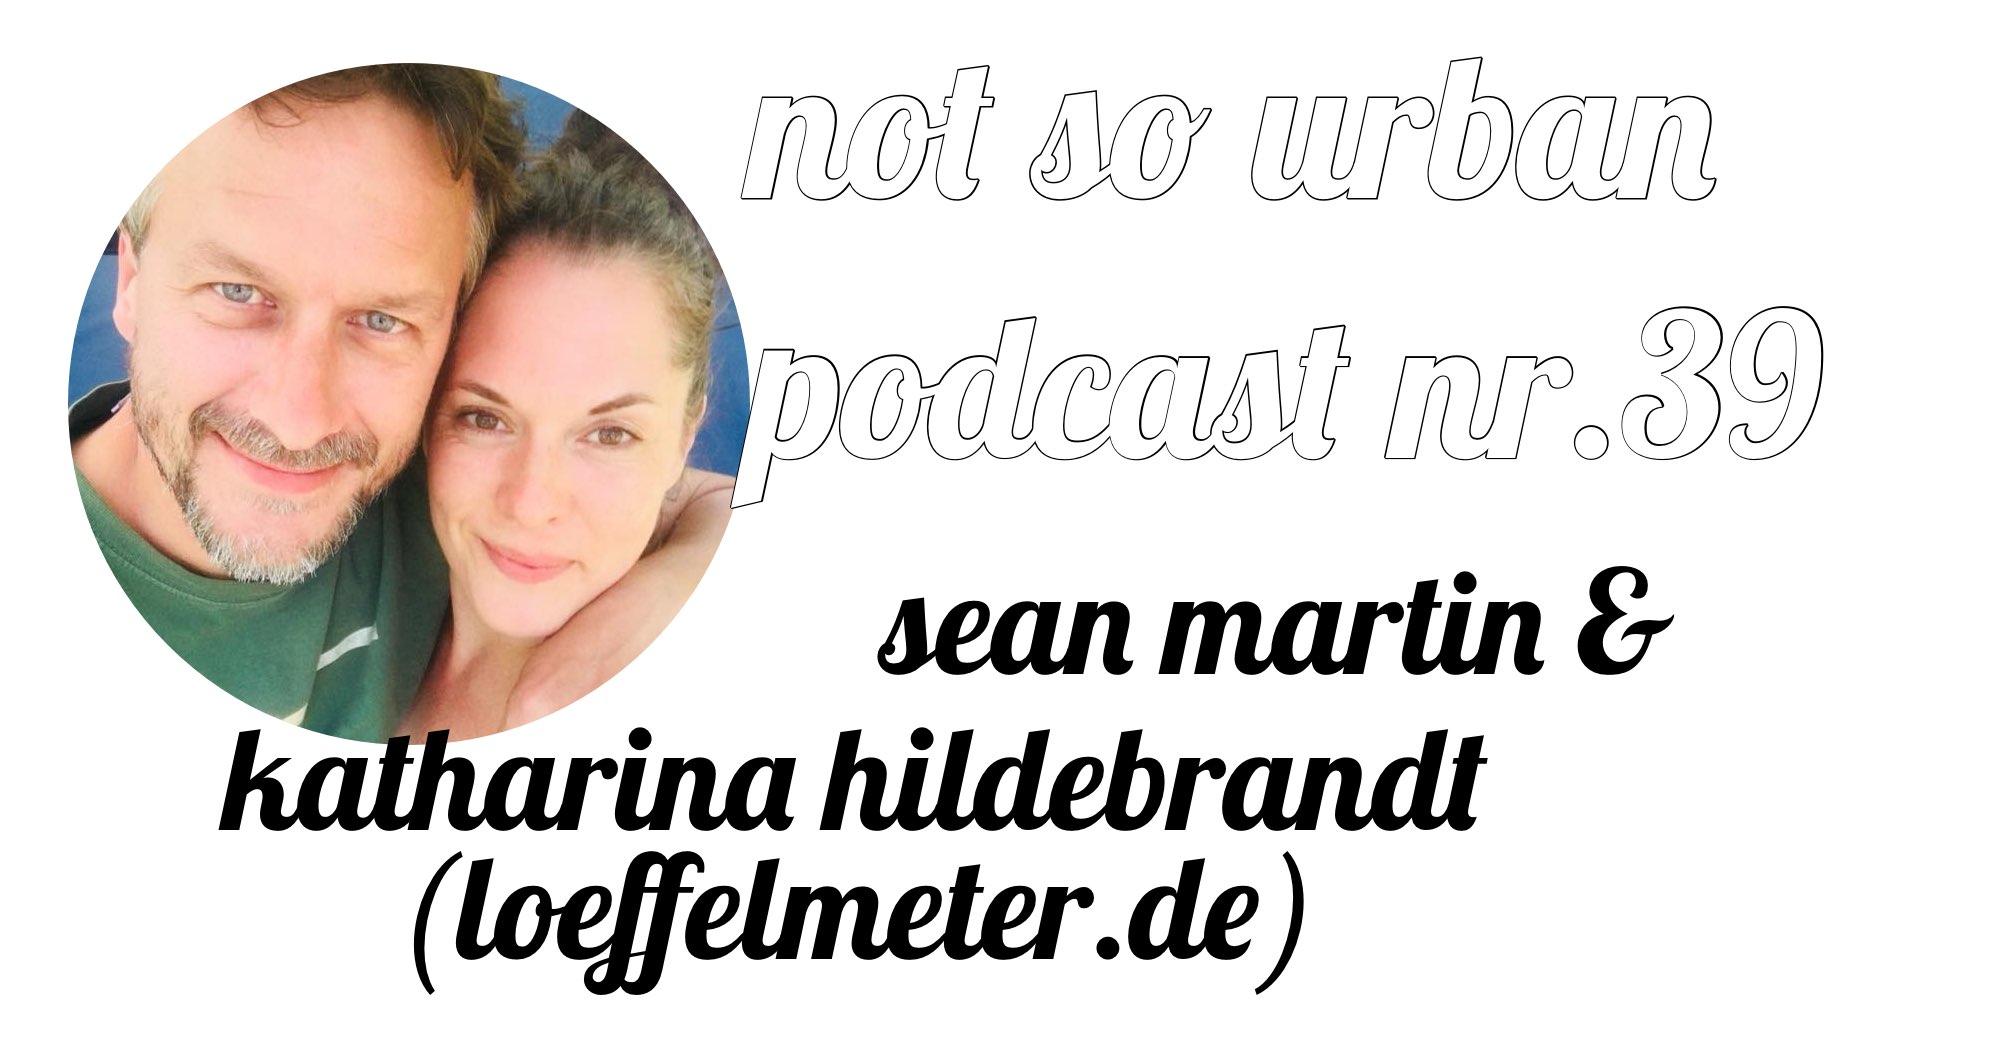 not so urban Podcast Nr.39 (Interview mit Sean Martin, Katharina Hildebrandt) loeffelmeter.de